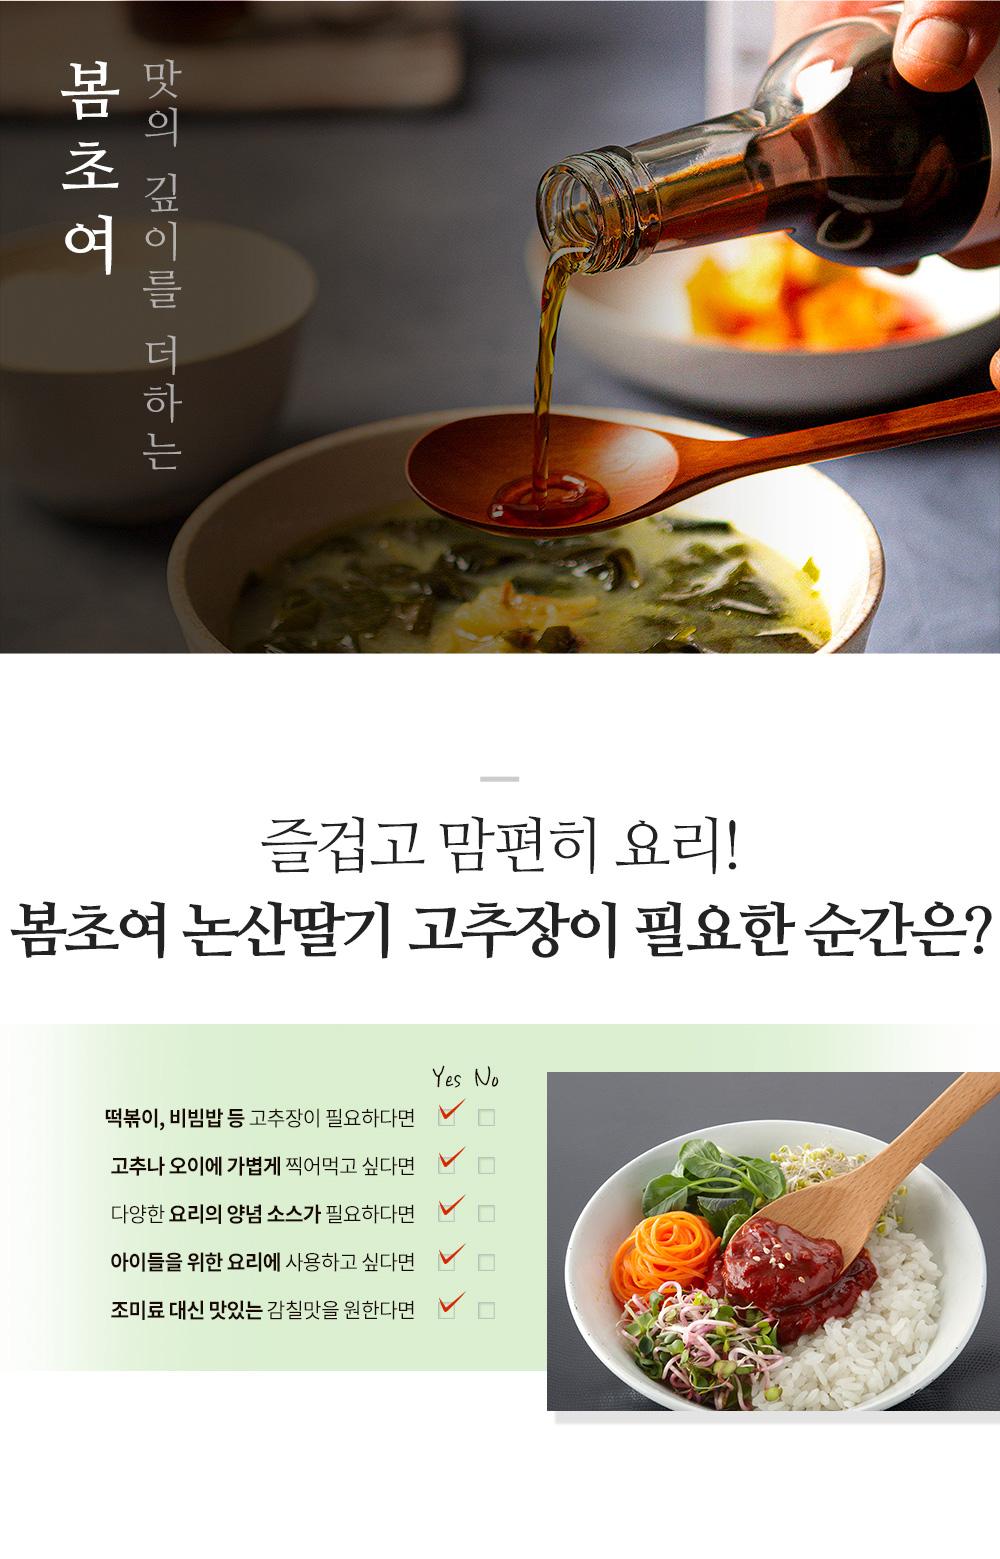 봄초여논산딸기고추장1키로_07.jpg